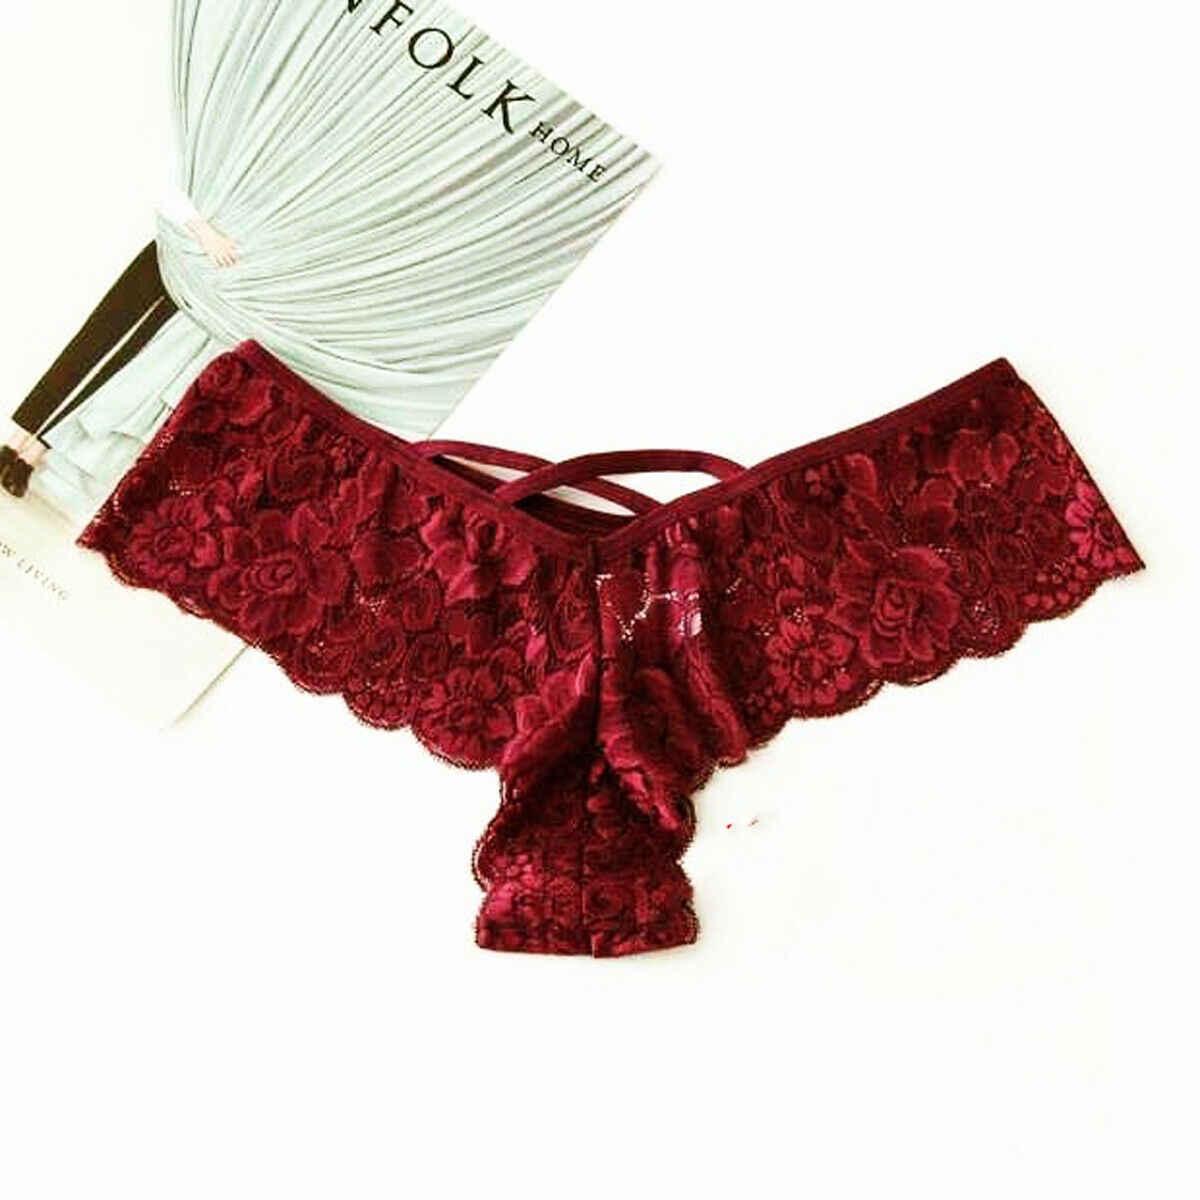 Gợi Cảm Đùi Quần Lót Nữ Không Đường May Quần Lót Ren Bikini Hình Ngón Chữ G Underpant Quần Đùi Tanga Nữ Thông S-3XL